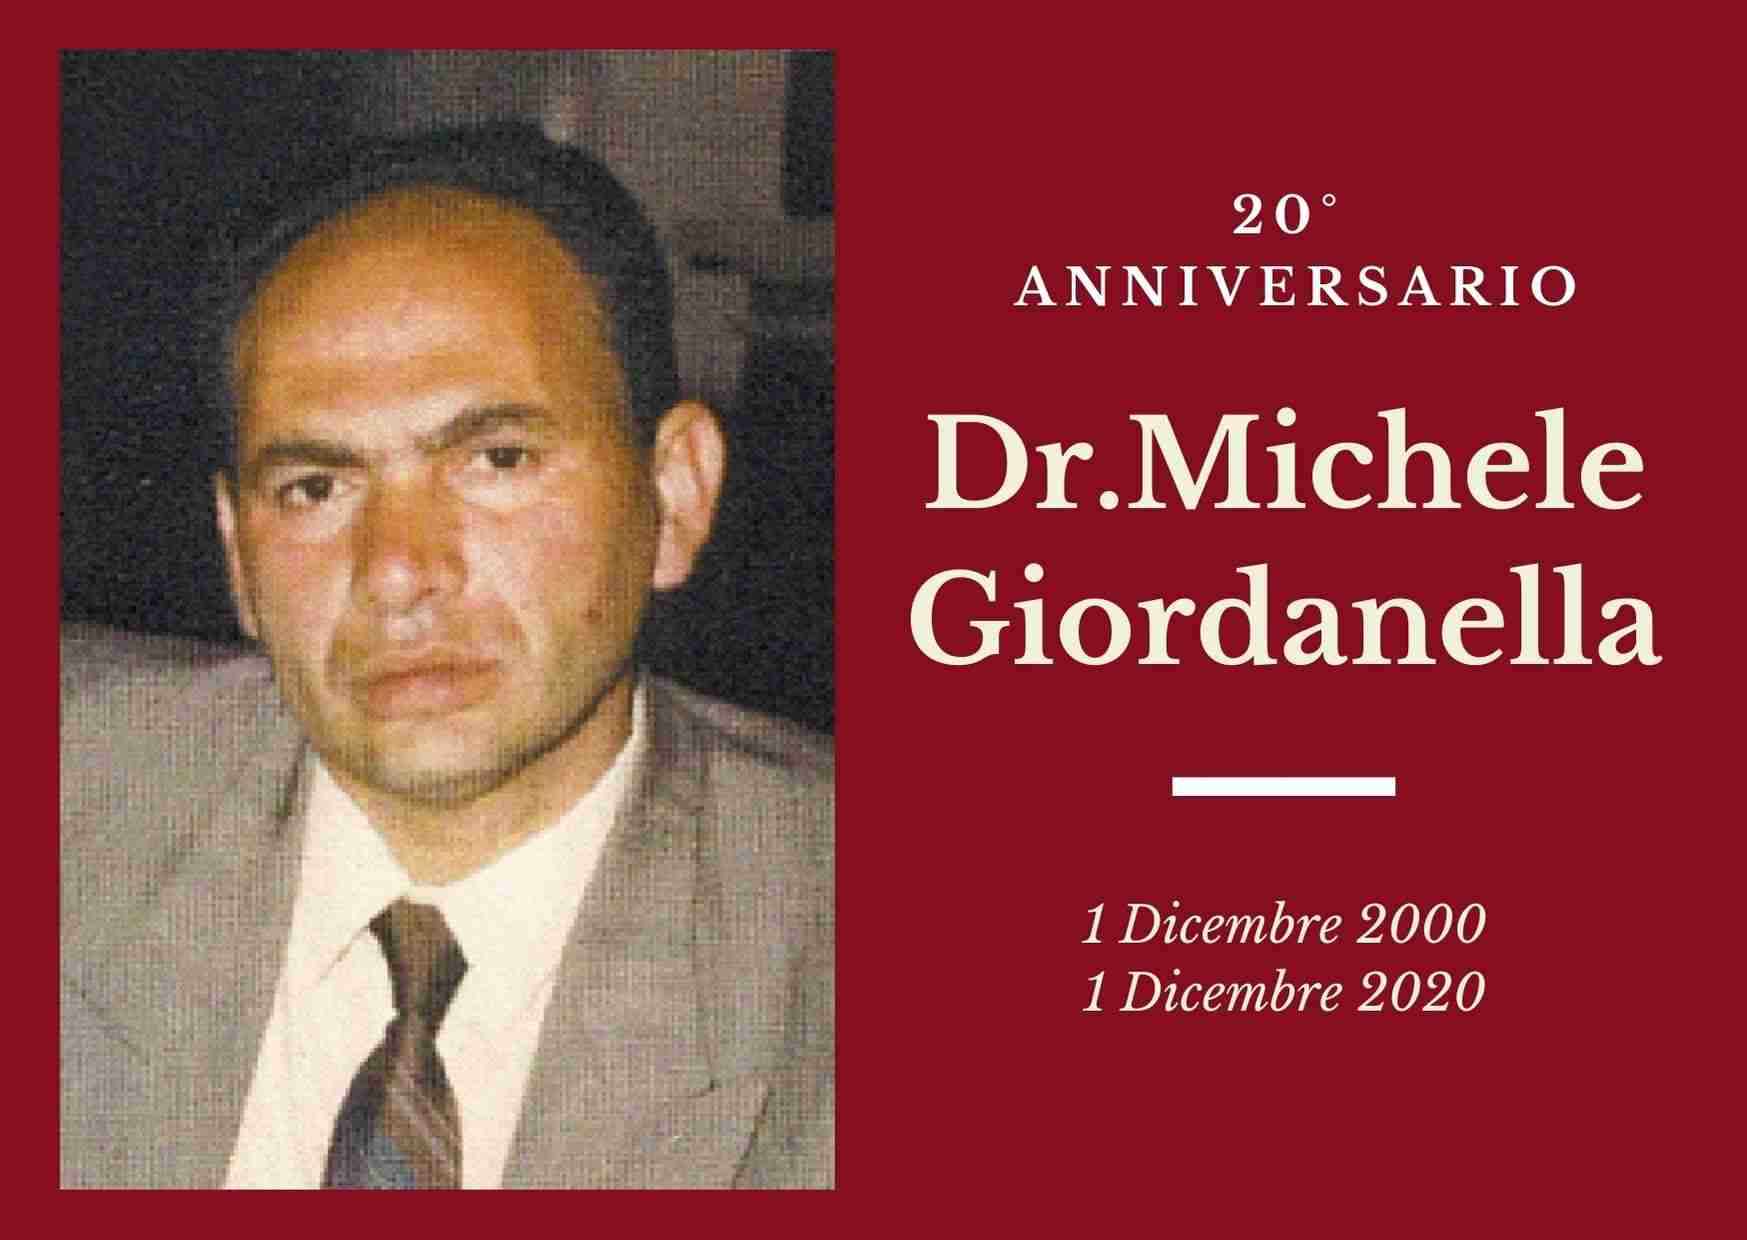 Necrologio: l'1 dicembre è ricorso il 20°anniversario del Dott. Michele Giordanella